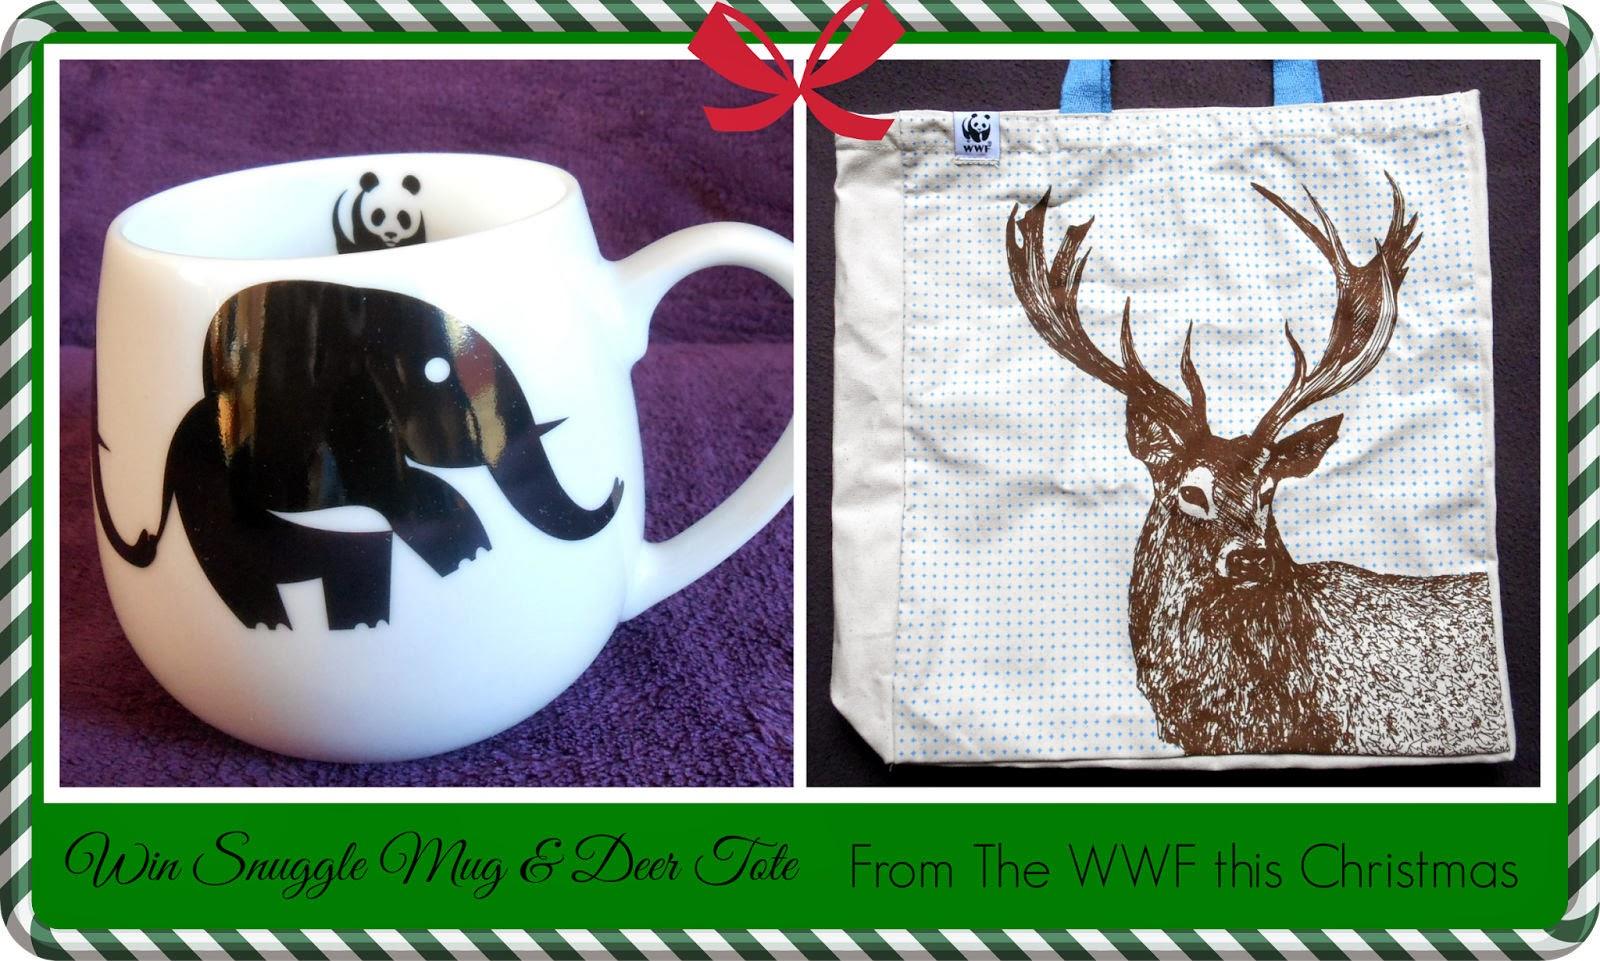 WWF Snuggle Mug & Deer Tote